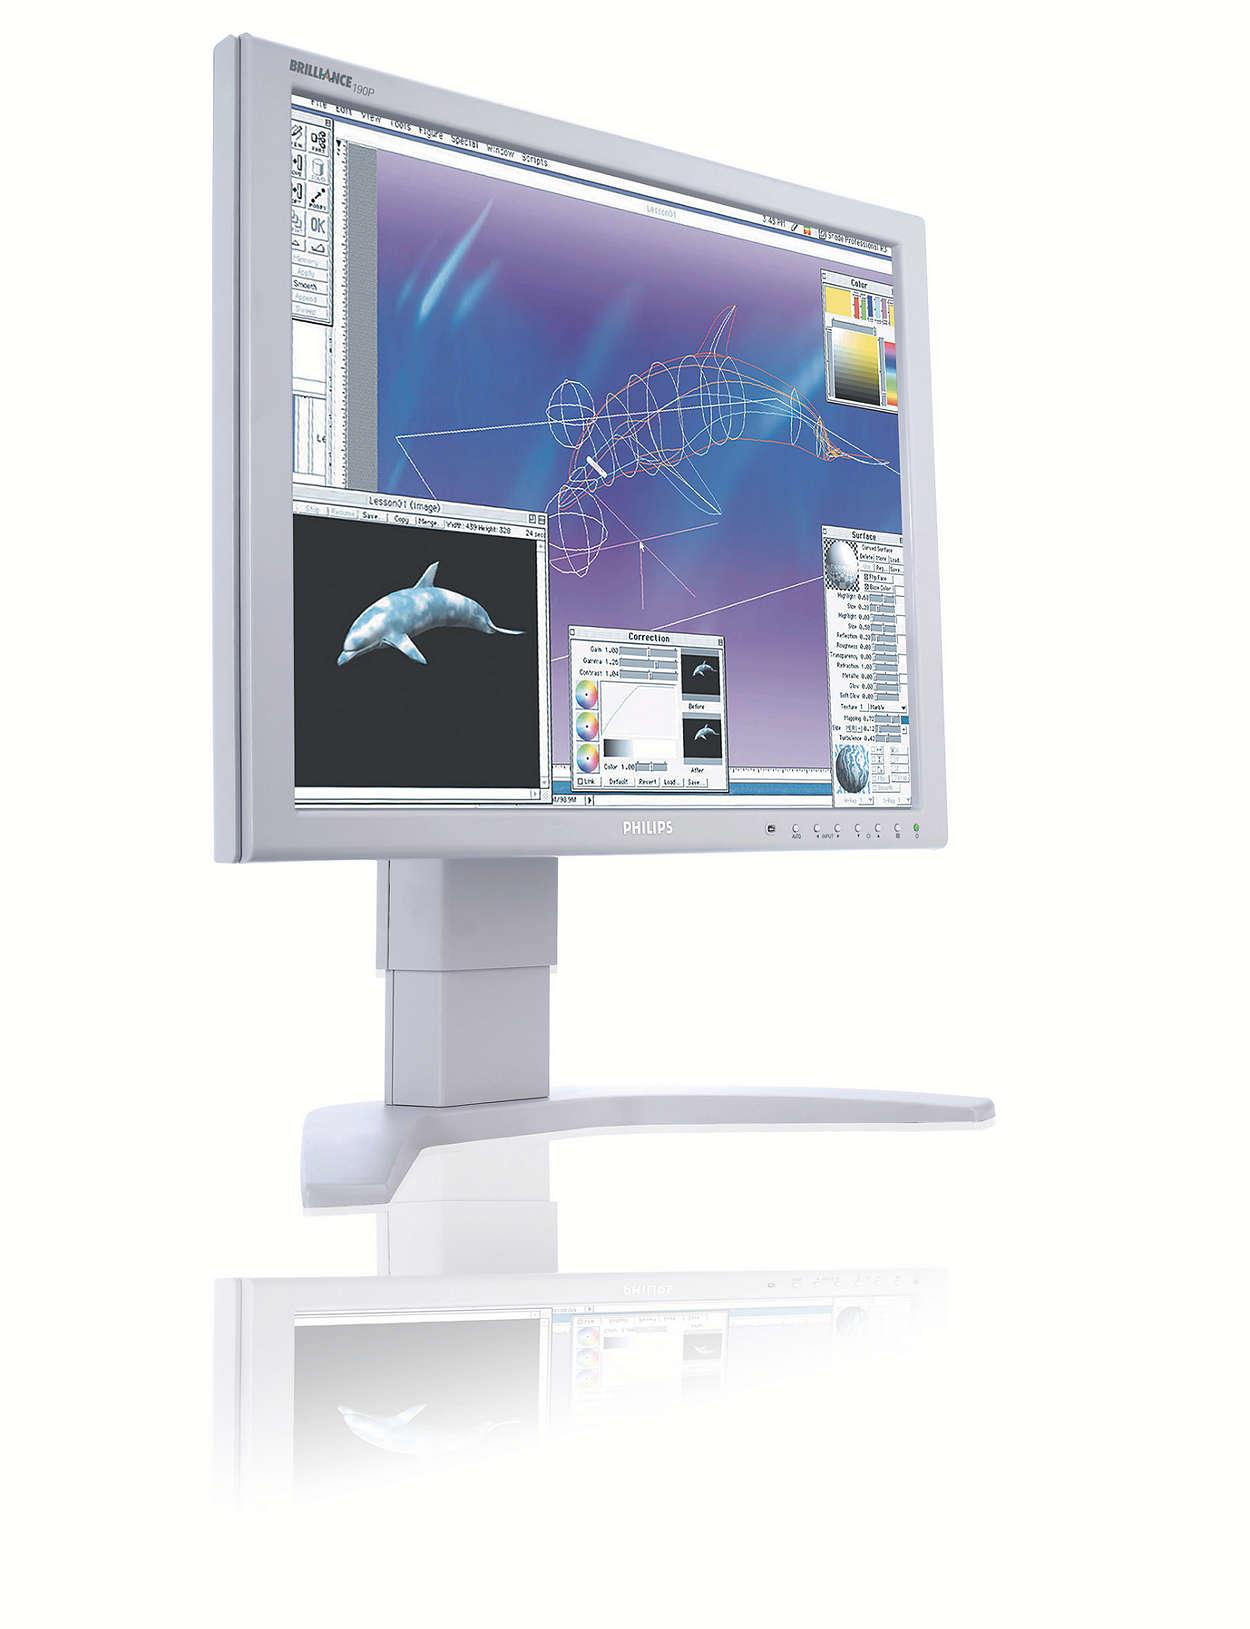 Чудесен монитор, създаден за взискателни професионалисти